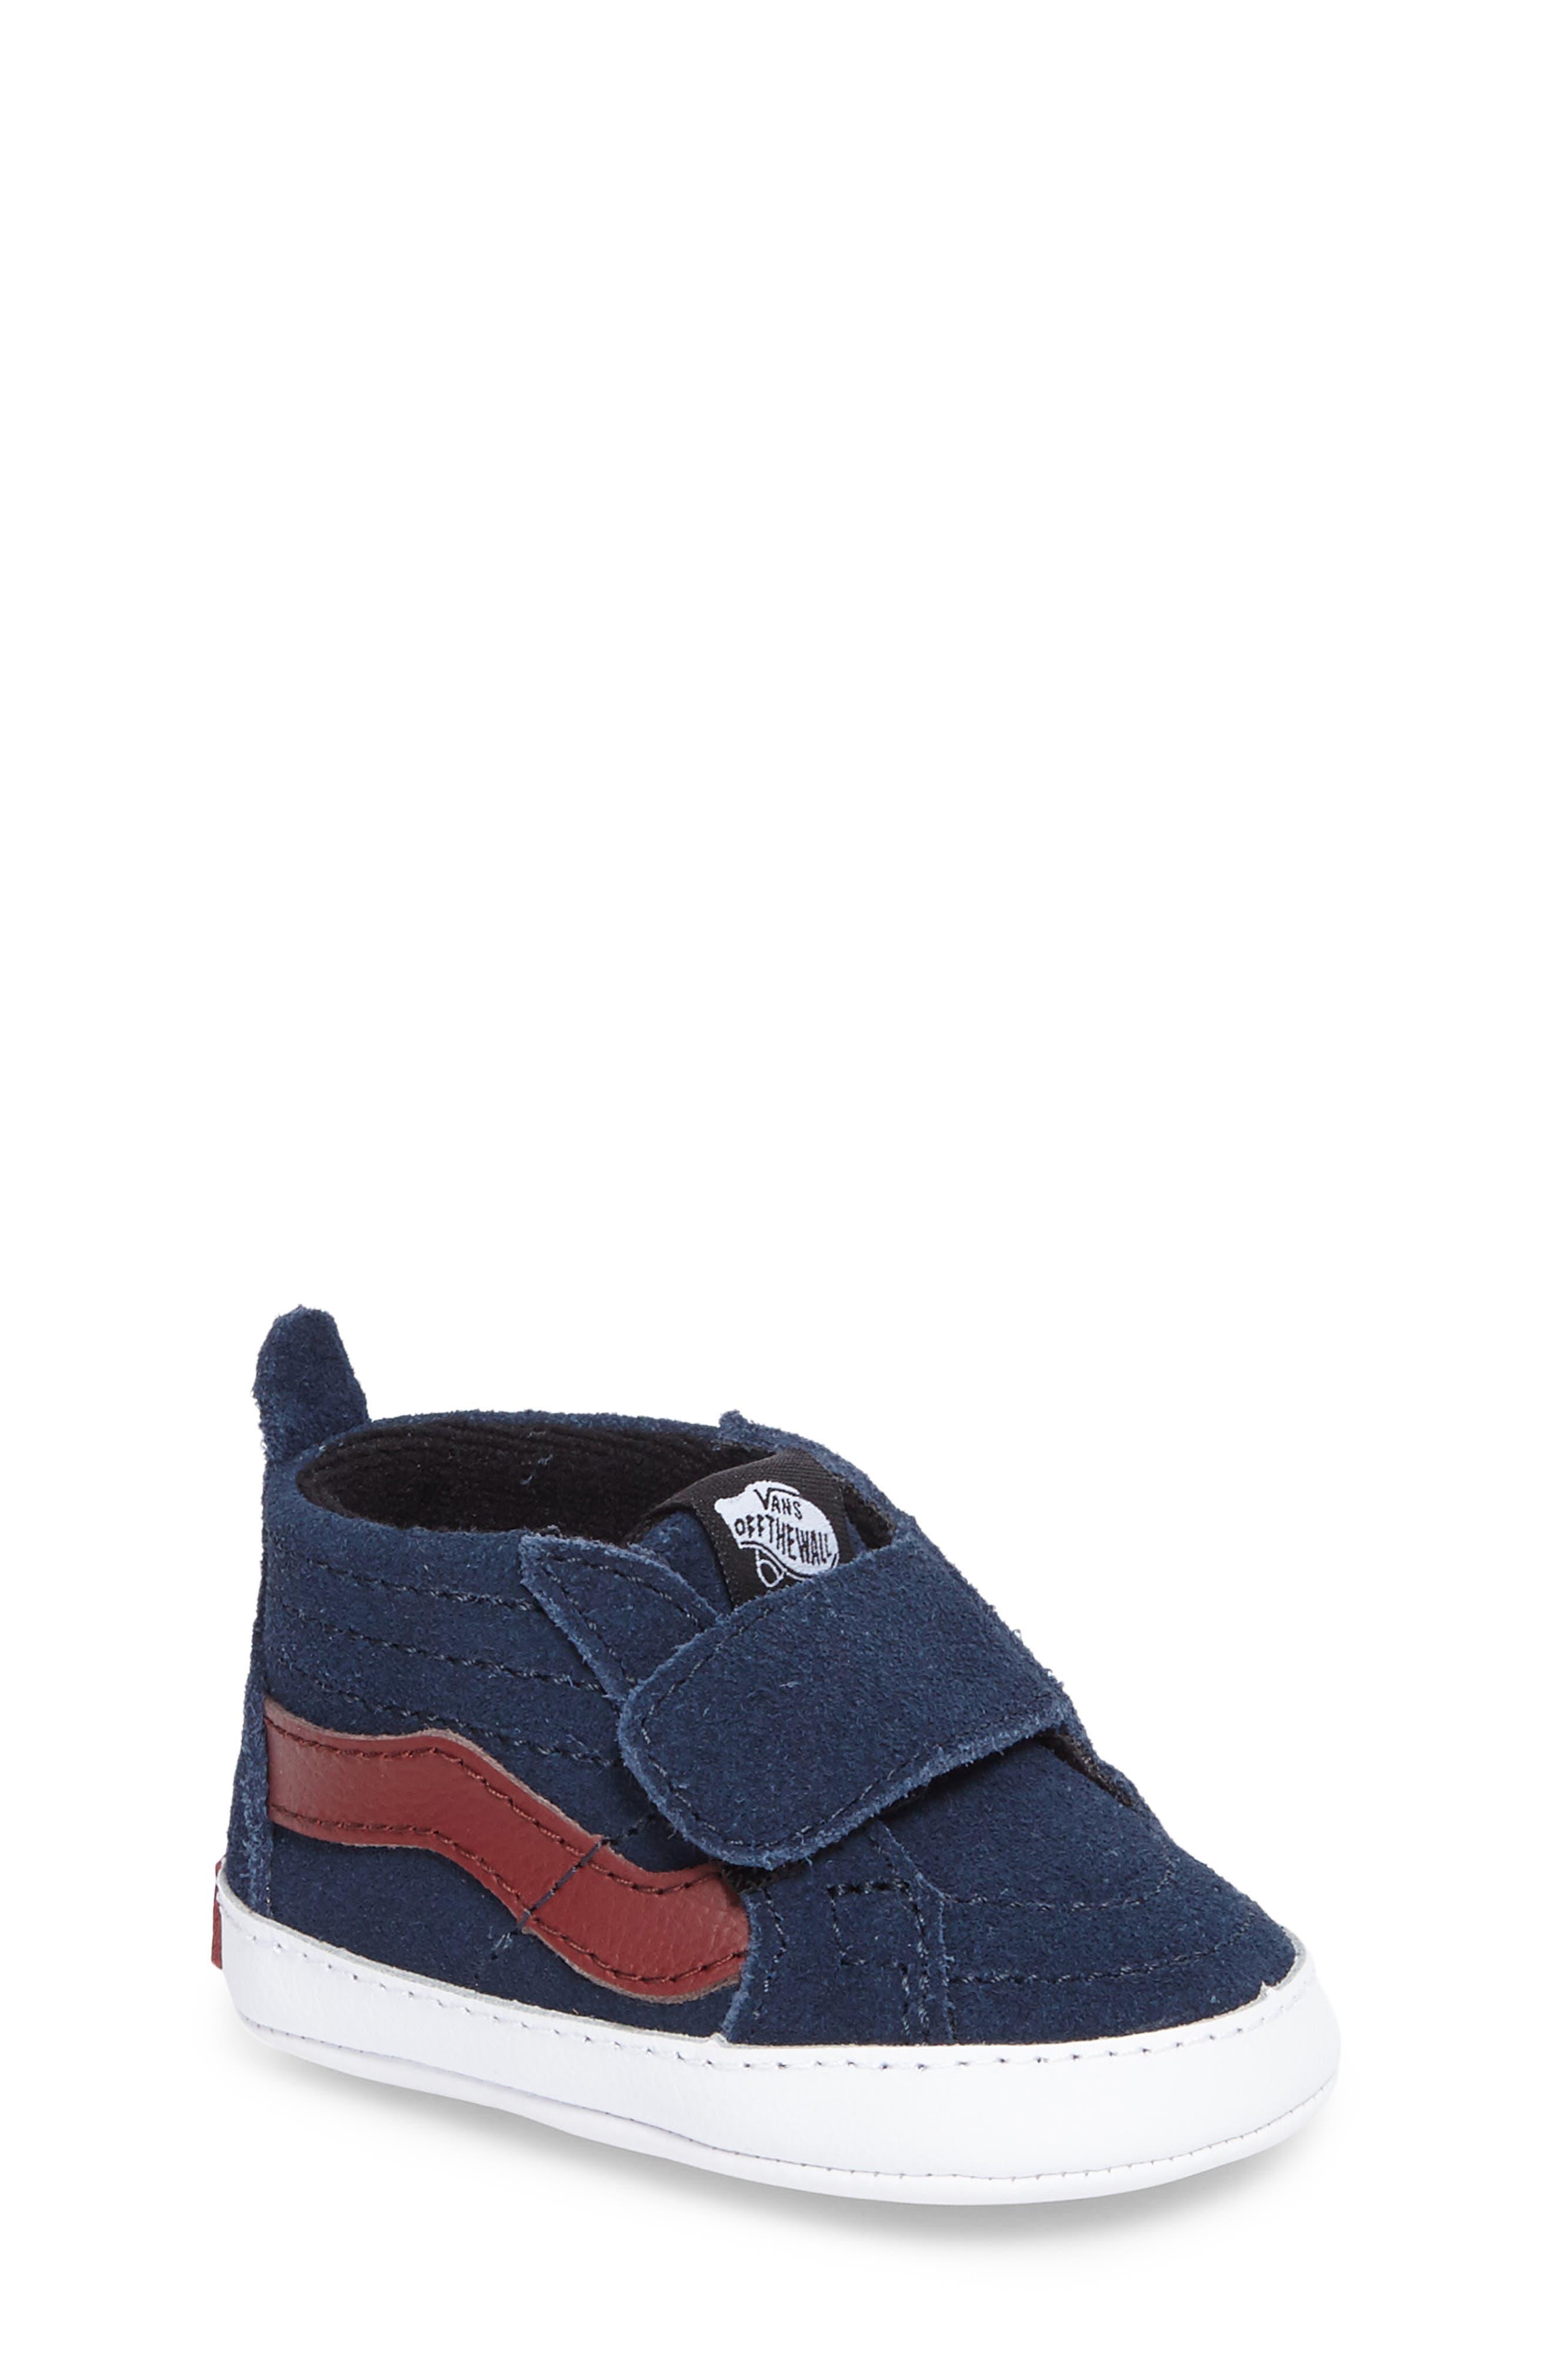 SK8-Hi Crib Sneaker, Main, color, 401